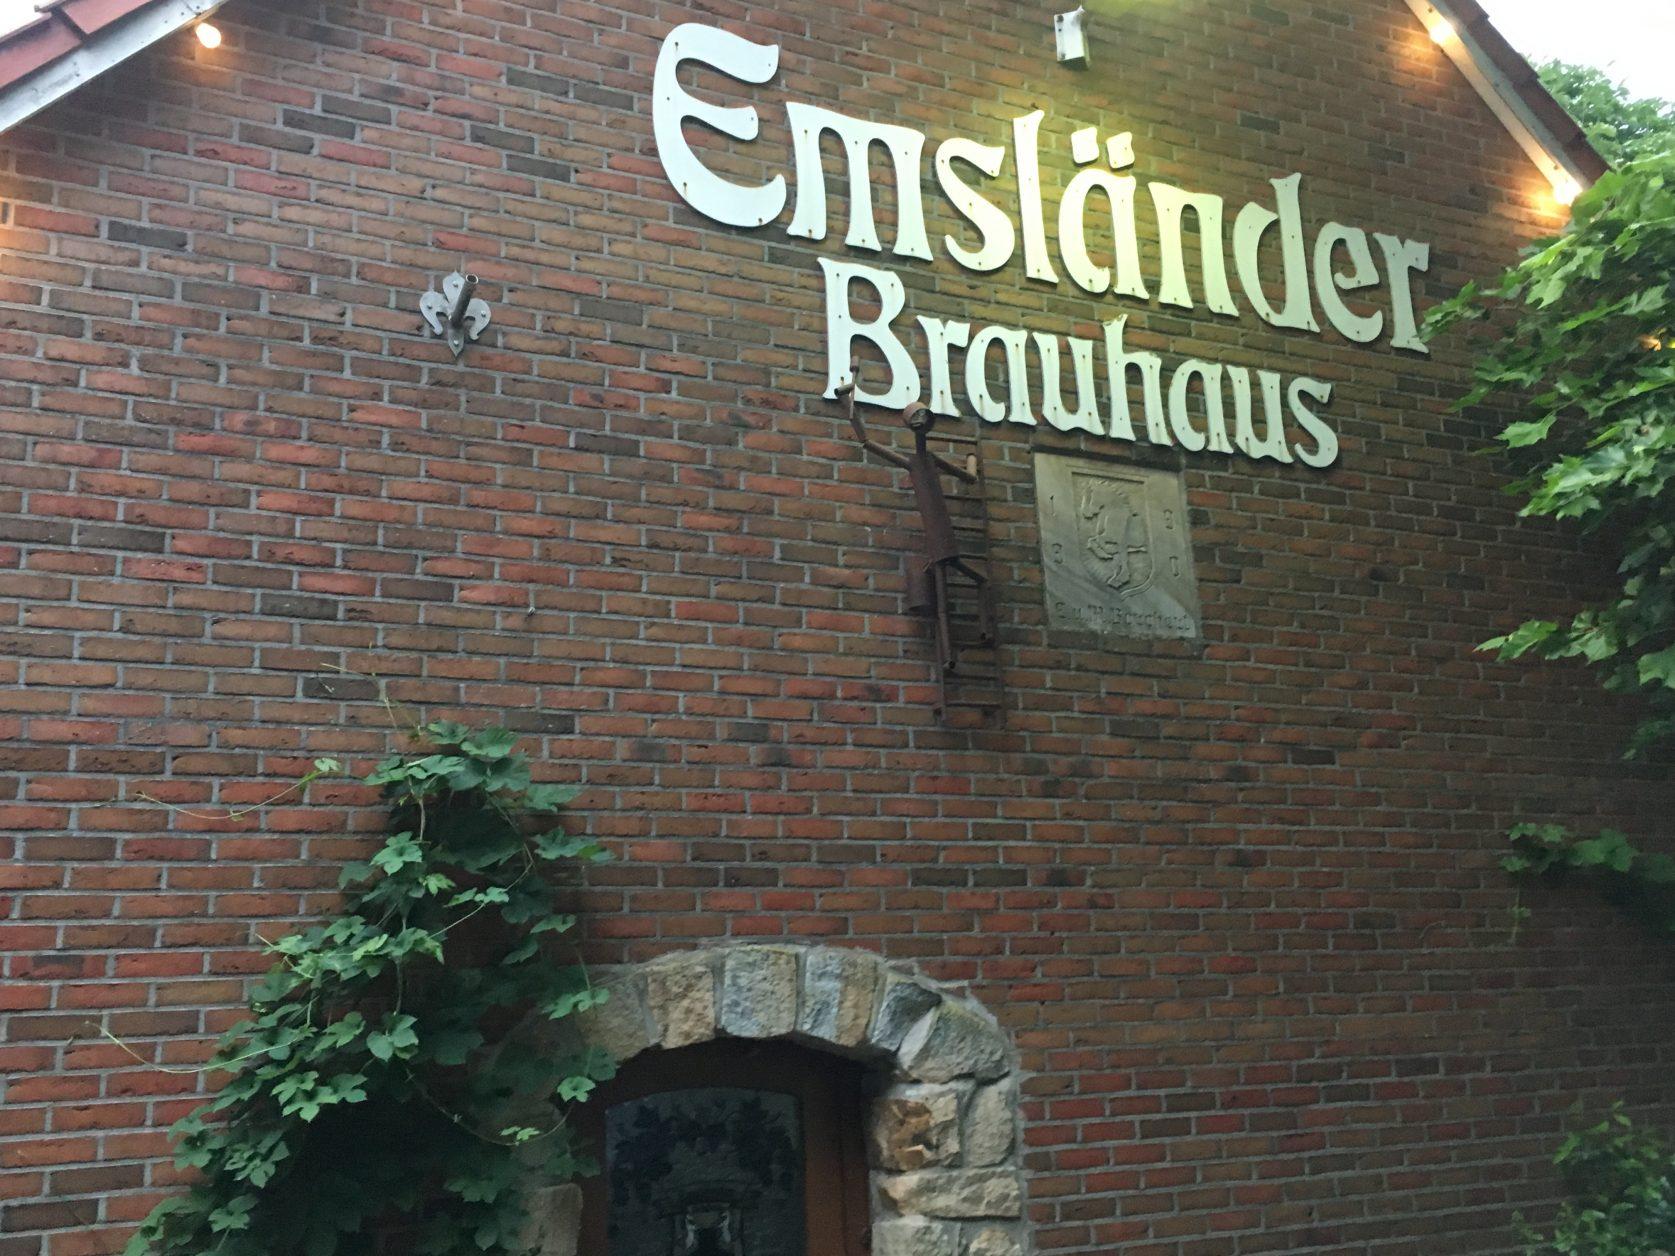 Eine gute Adresse für regionales Bier und gutes Essen: das Emsländer Brauhaus in Lünne